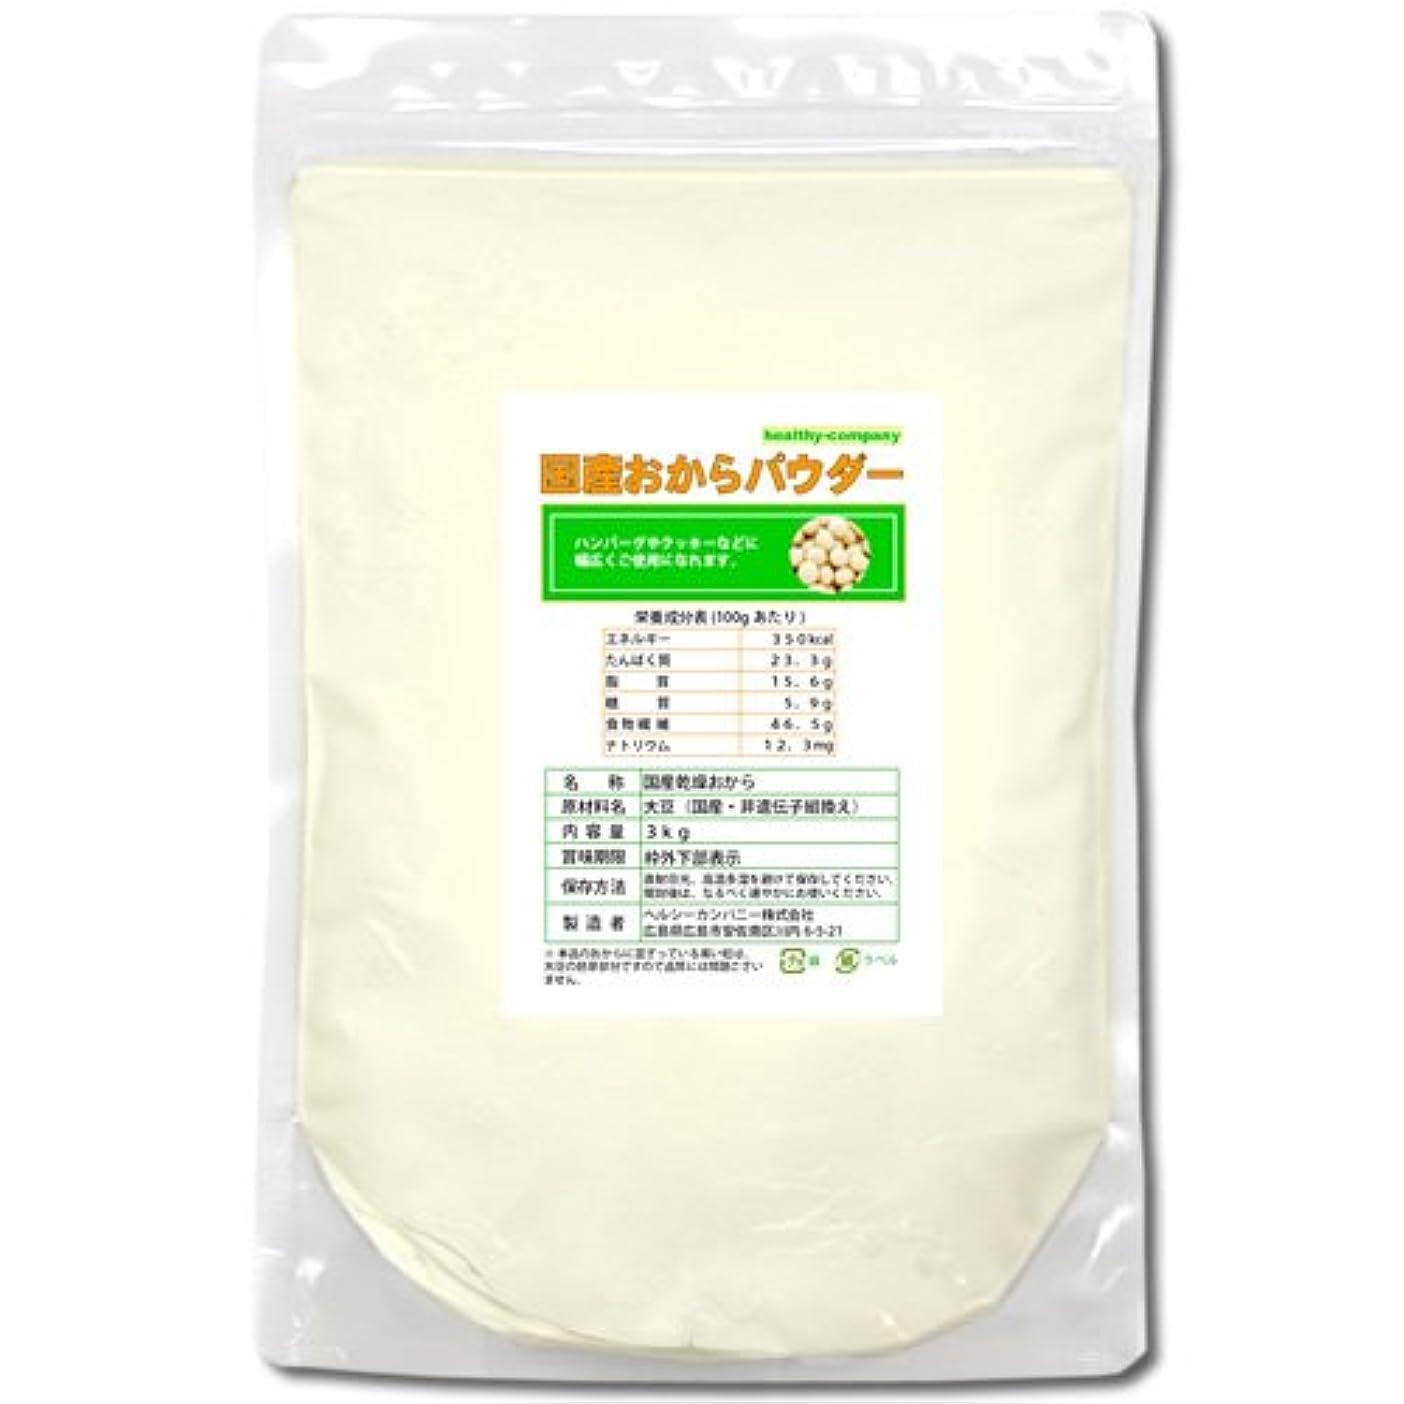 アクティビティフォロー自明国産大豆100%おからパウダー3kg(乾燥 粉末 ヘルシーカンパニー)